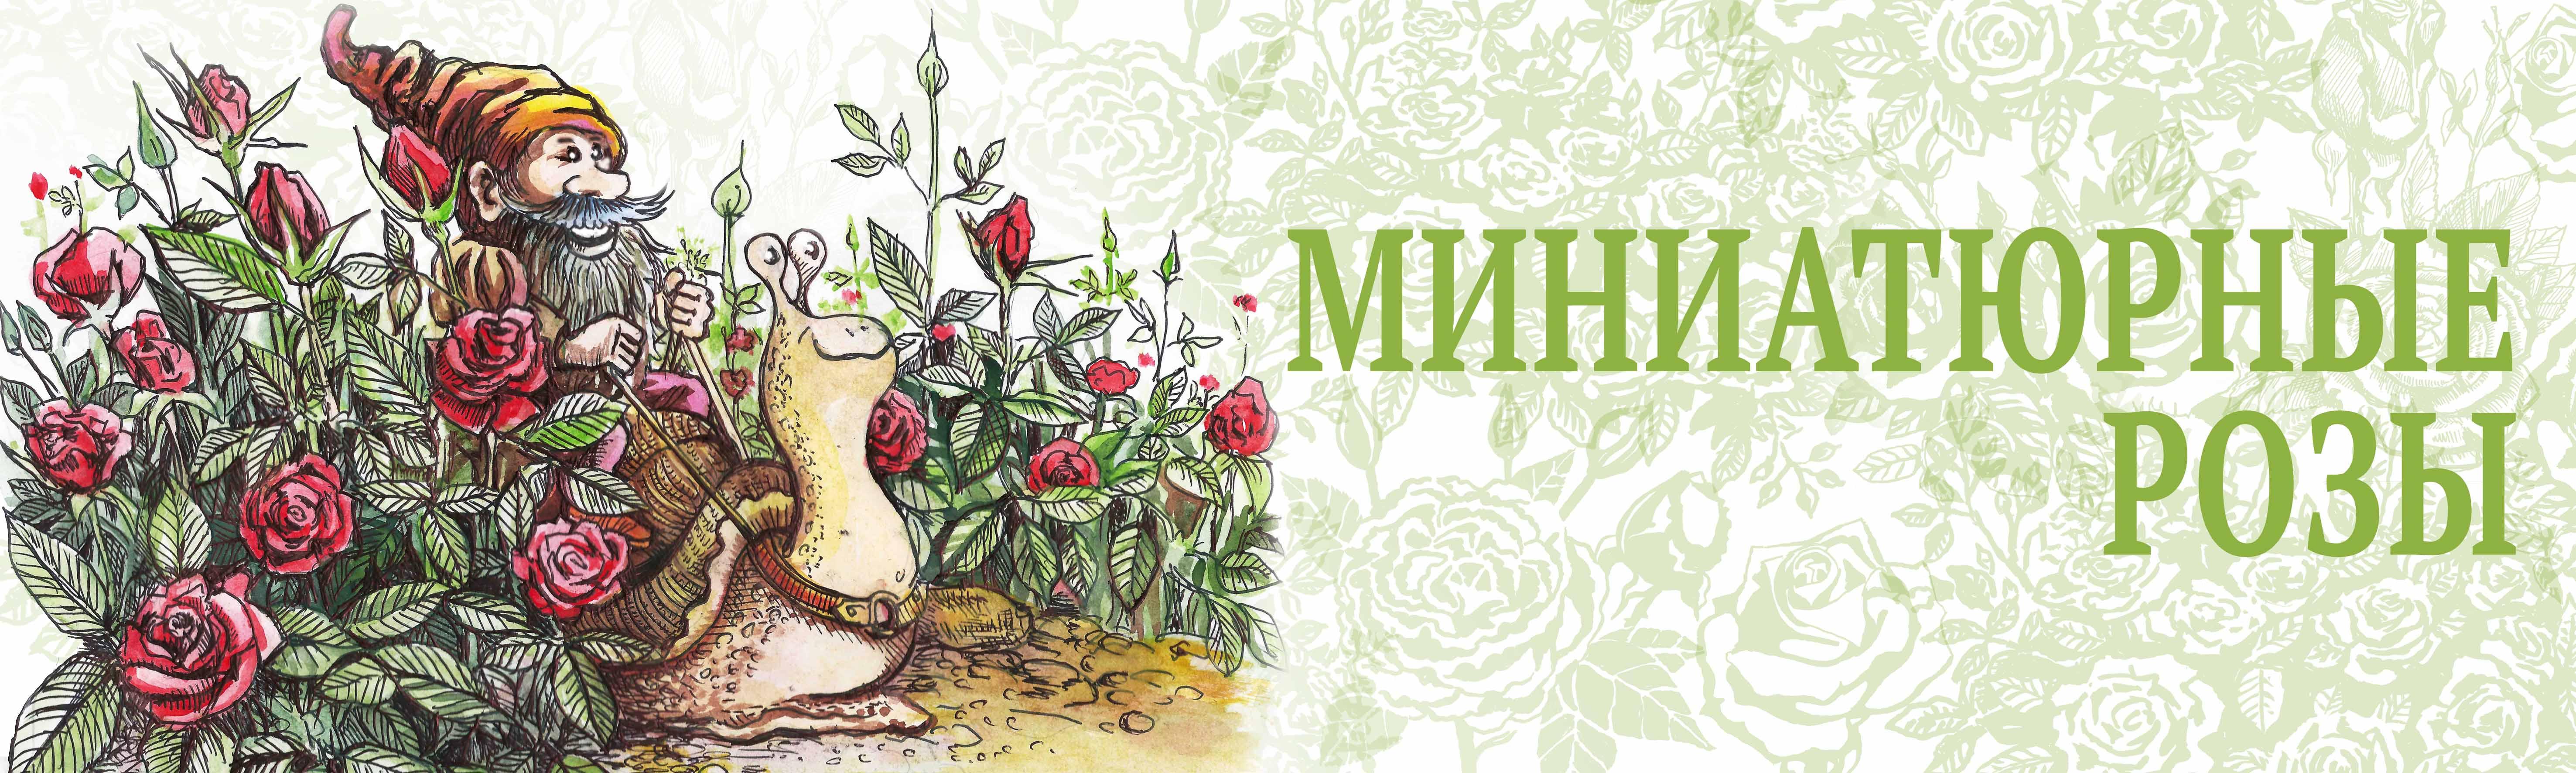 Fon_miniaturnie-min